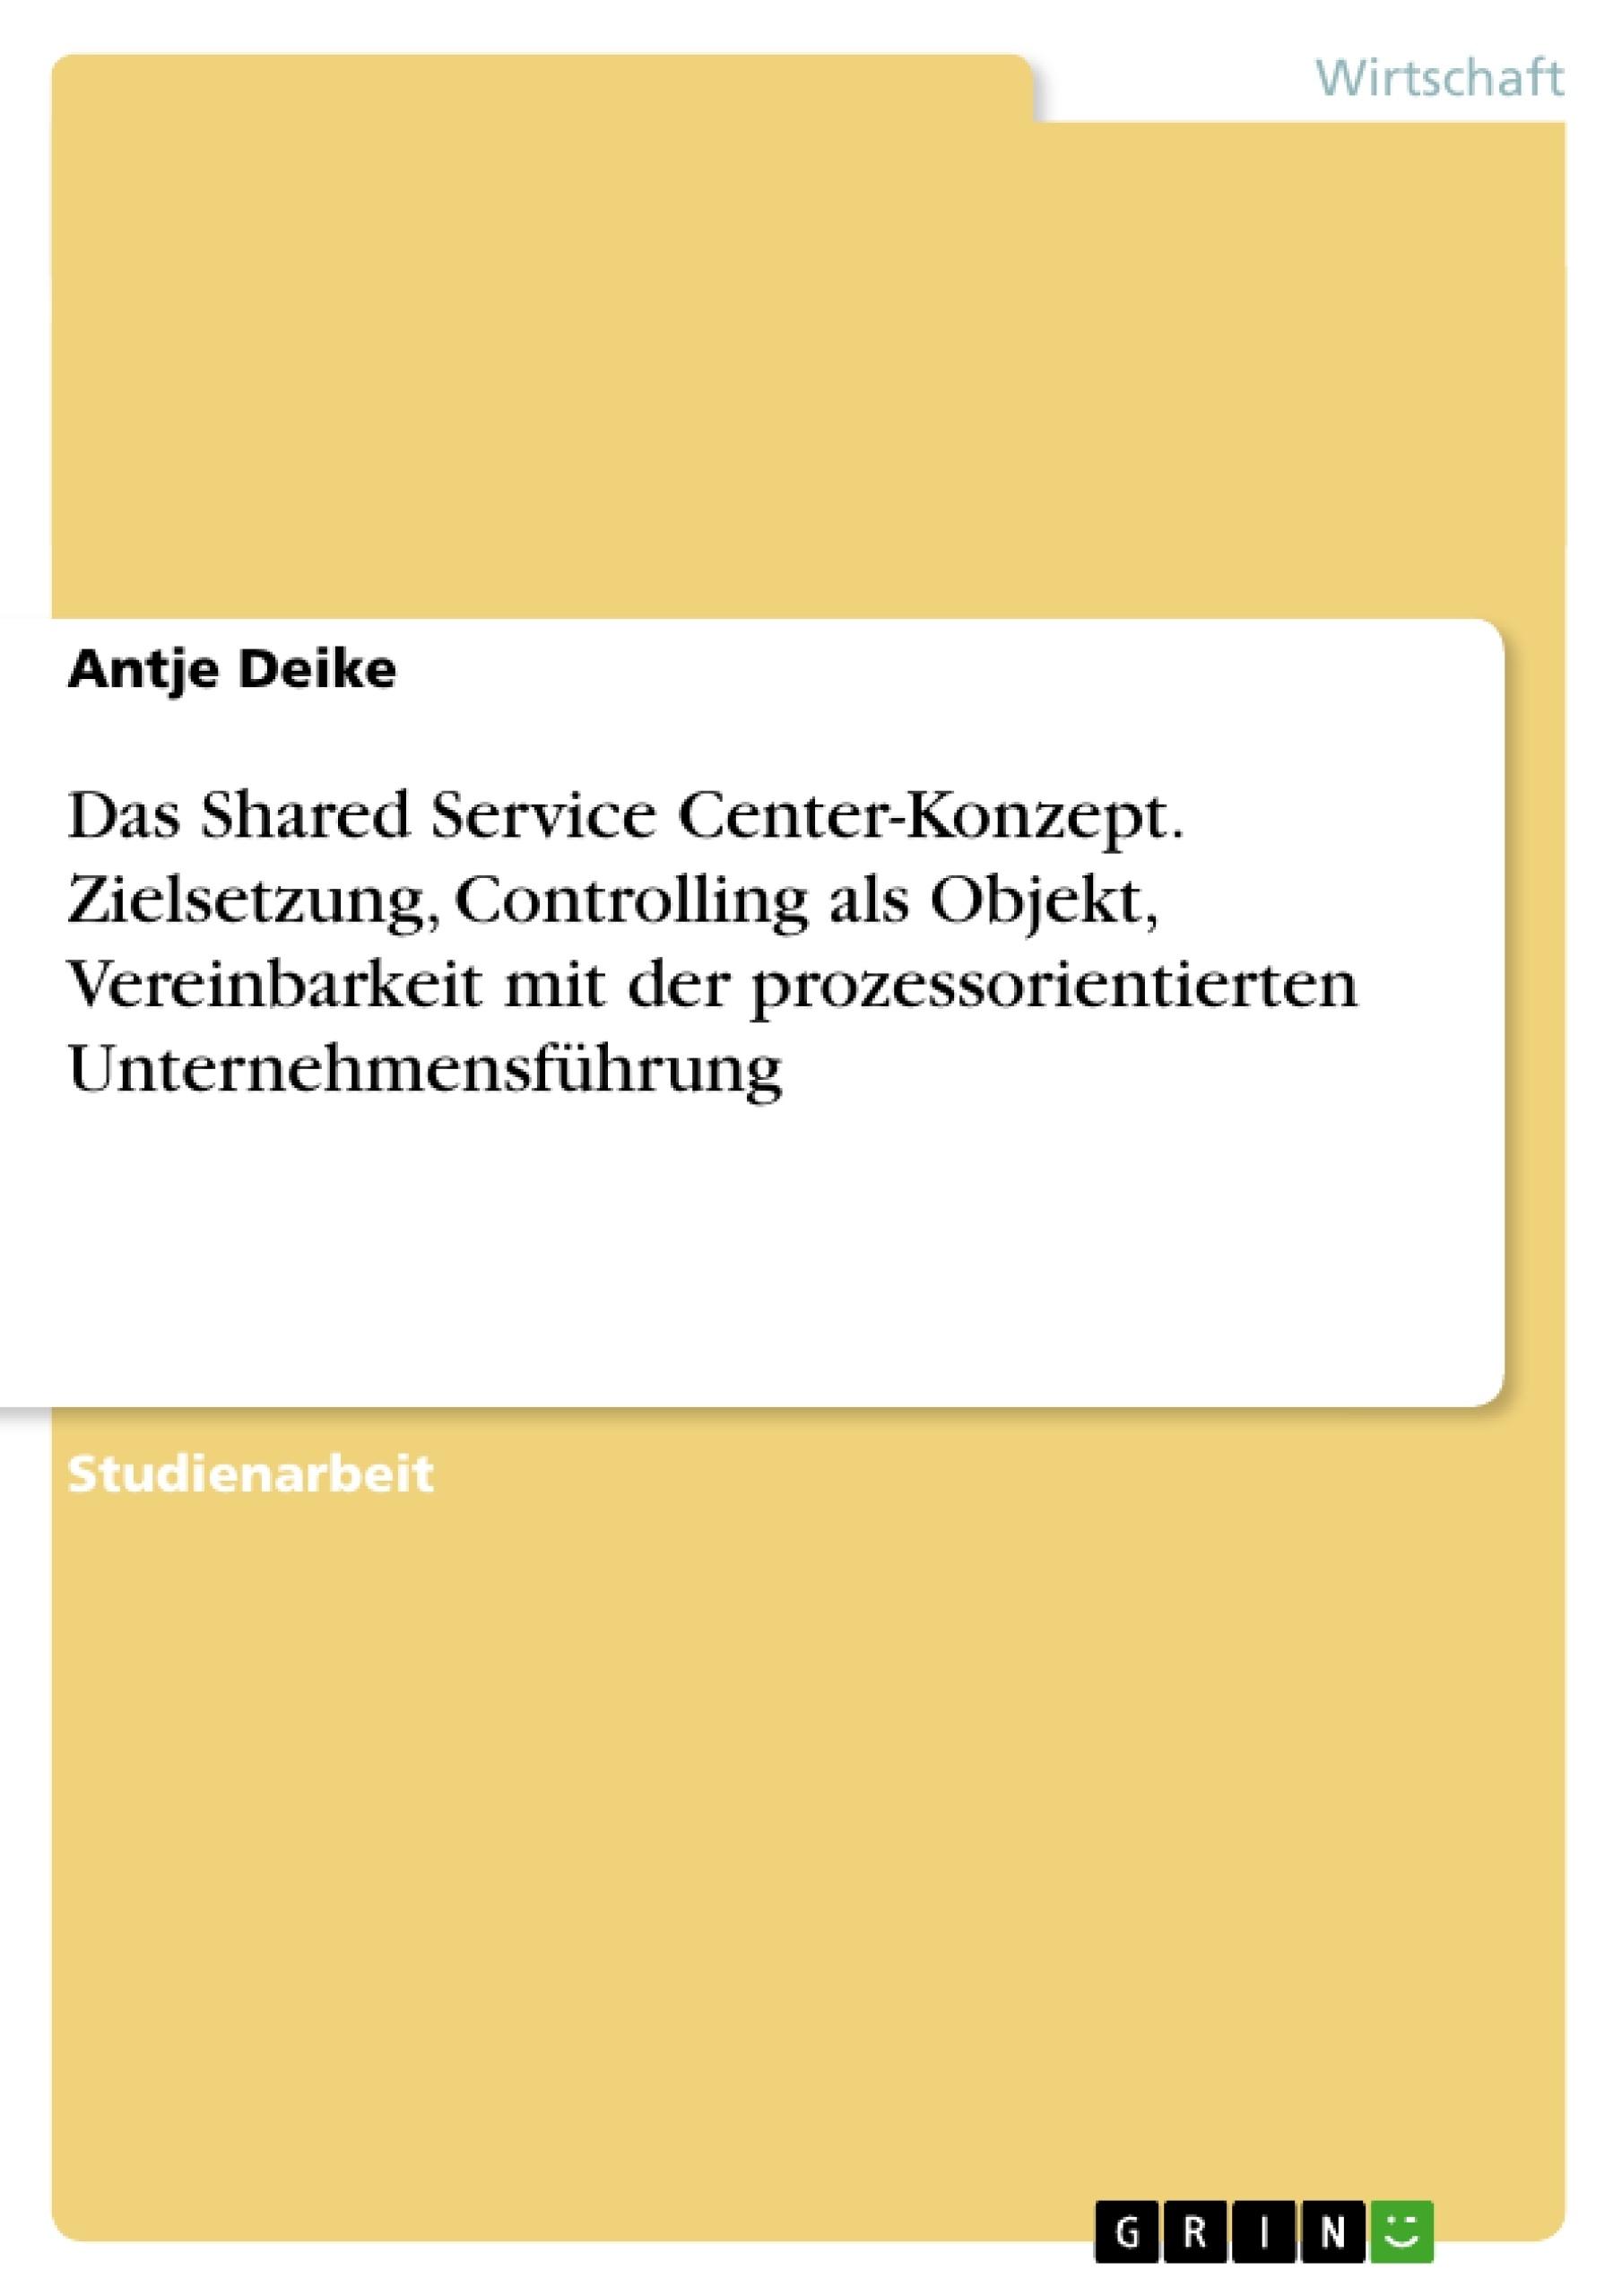 Titel: Das Shared Service Center-Konzept. Zielsetzung, Controlling als Objekt, Vereinbarkeit mit der prozessorientierten Unternehmensführung